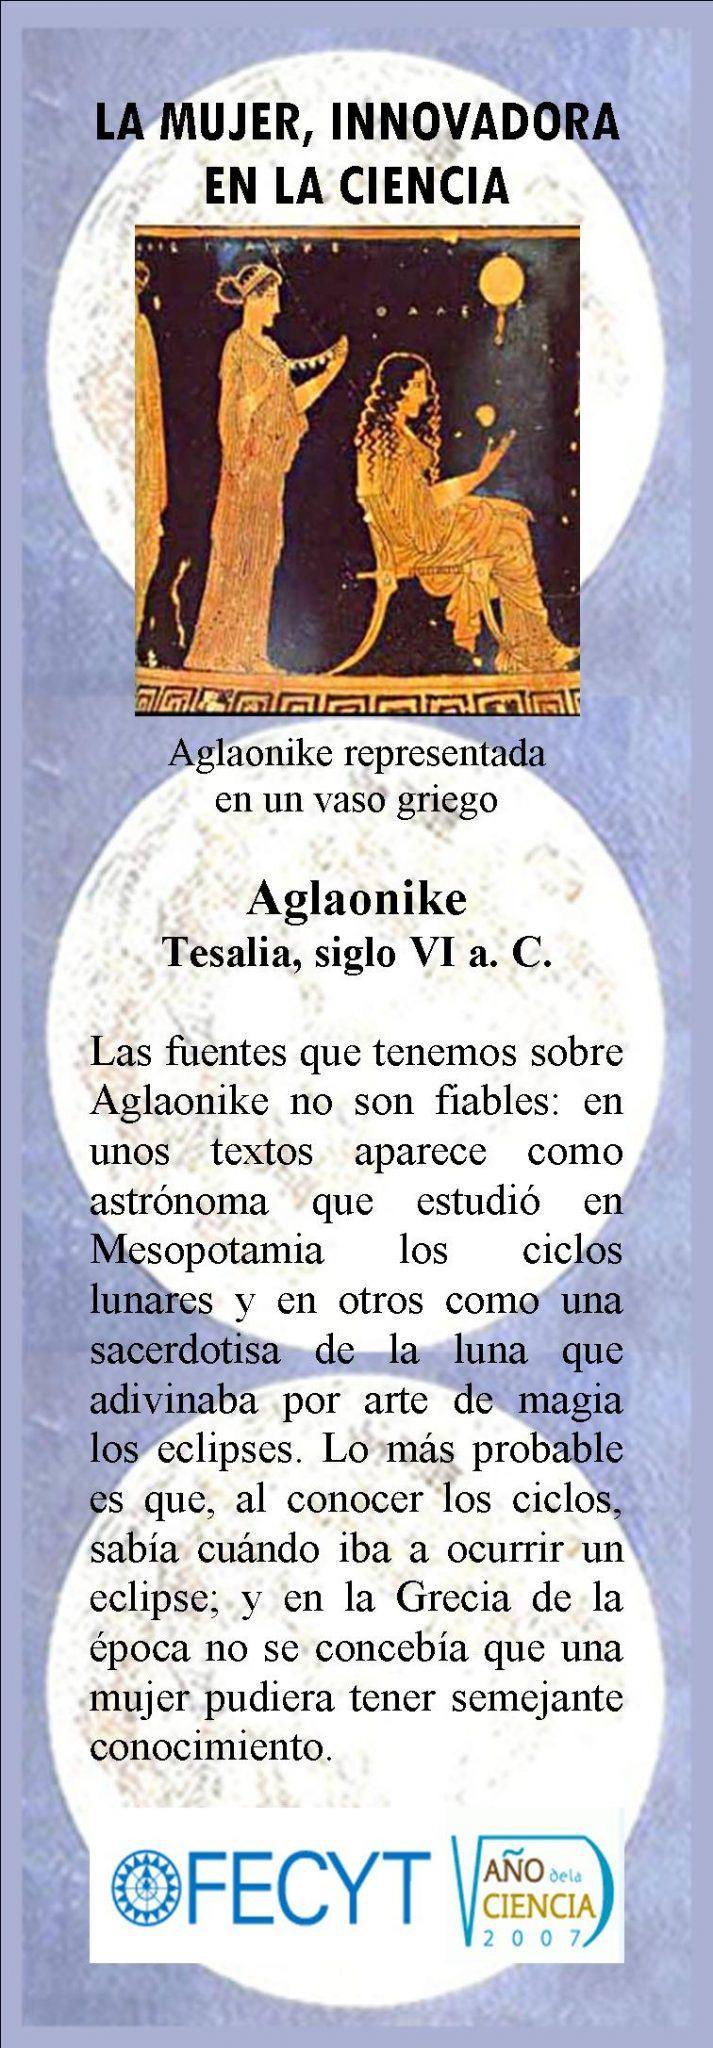 Aglaonike